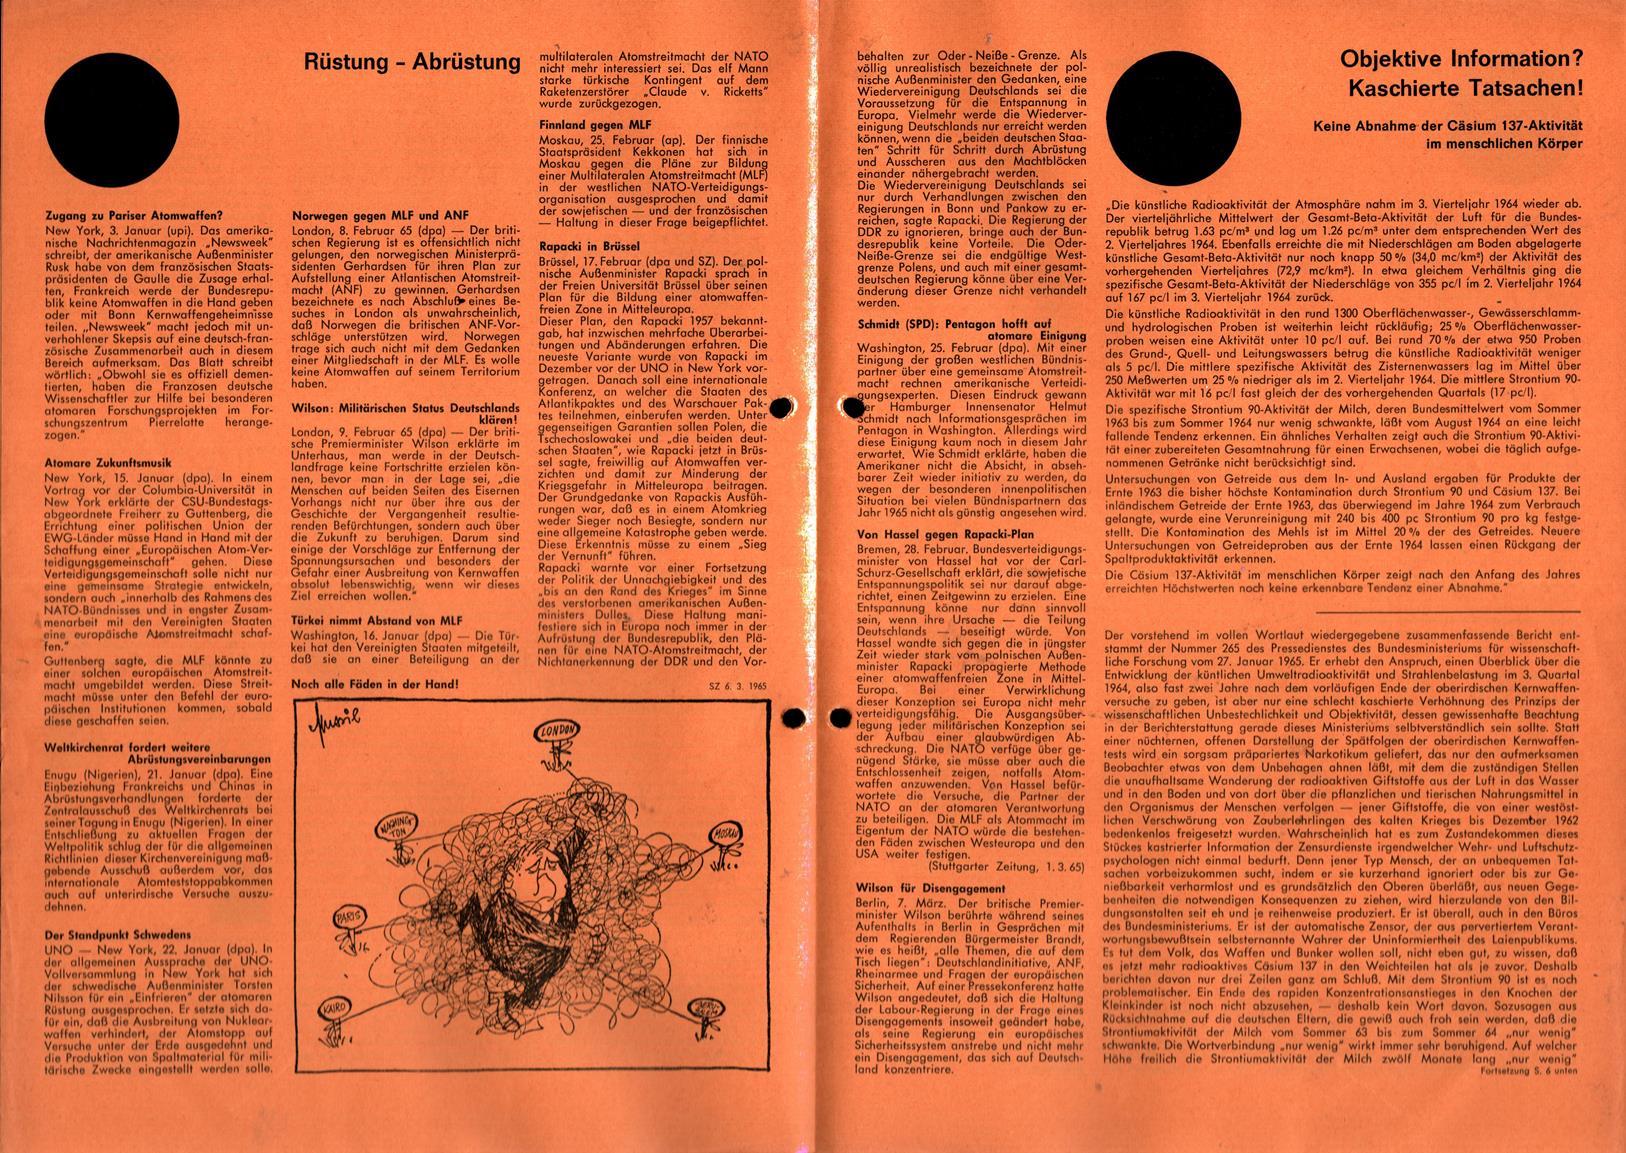 Infos_zur_Abruestung_1965_020_003